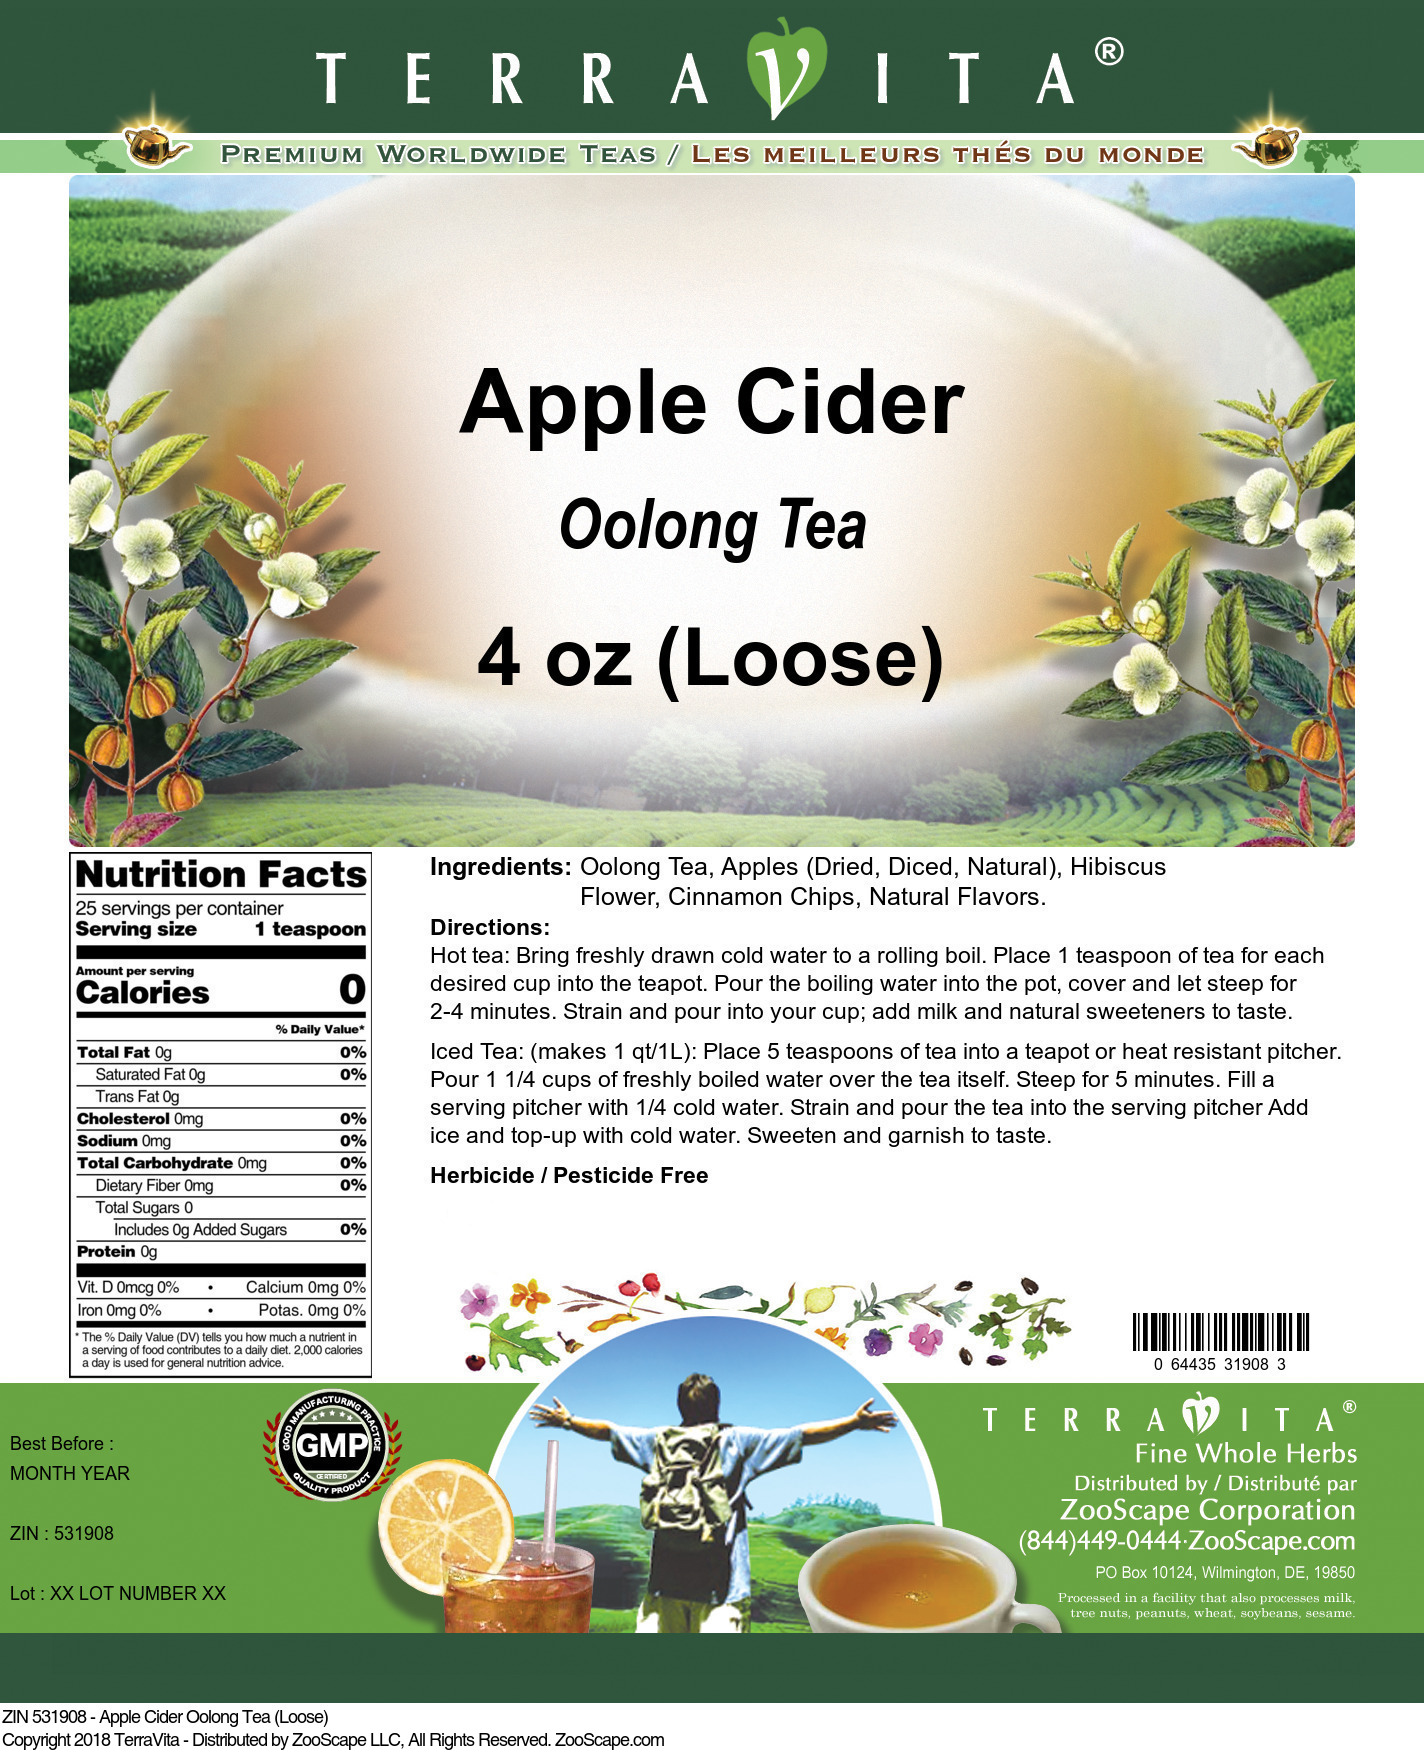 Apple Cider Oolong Tea (Loose)